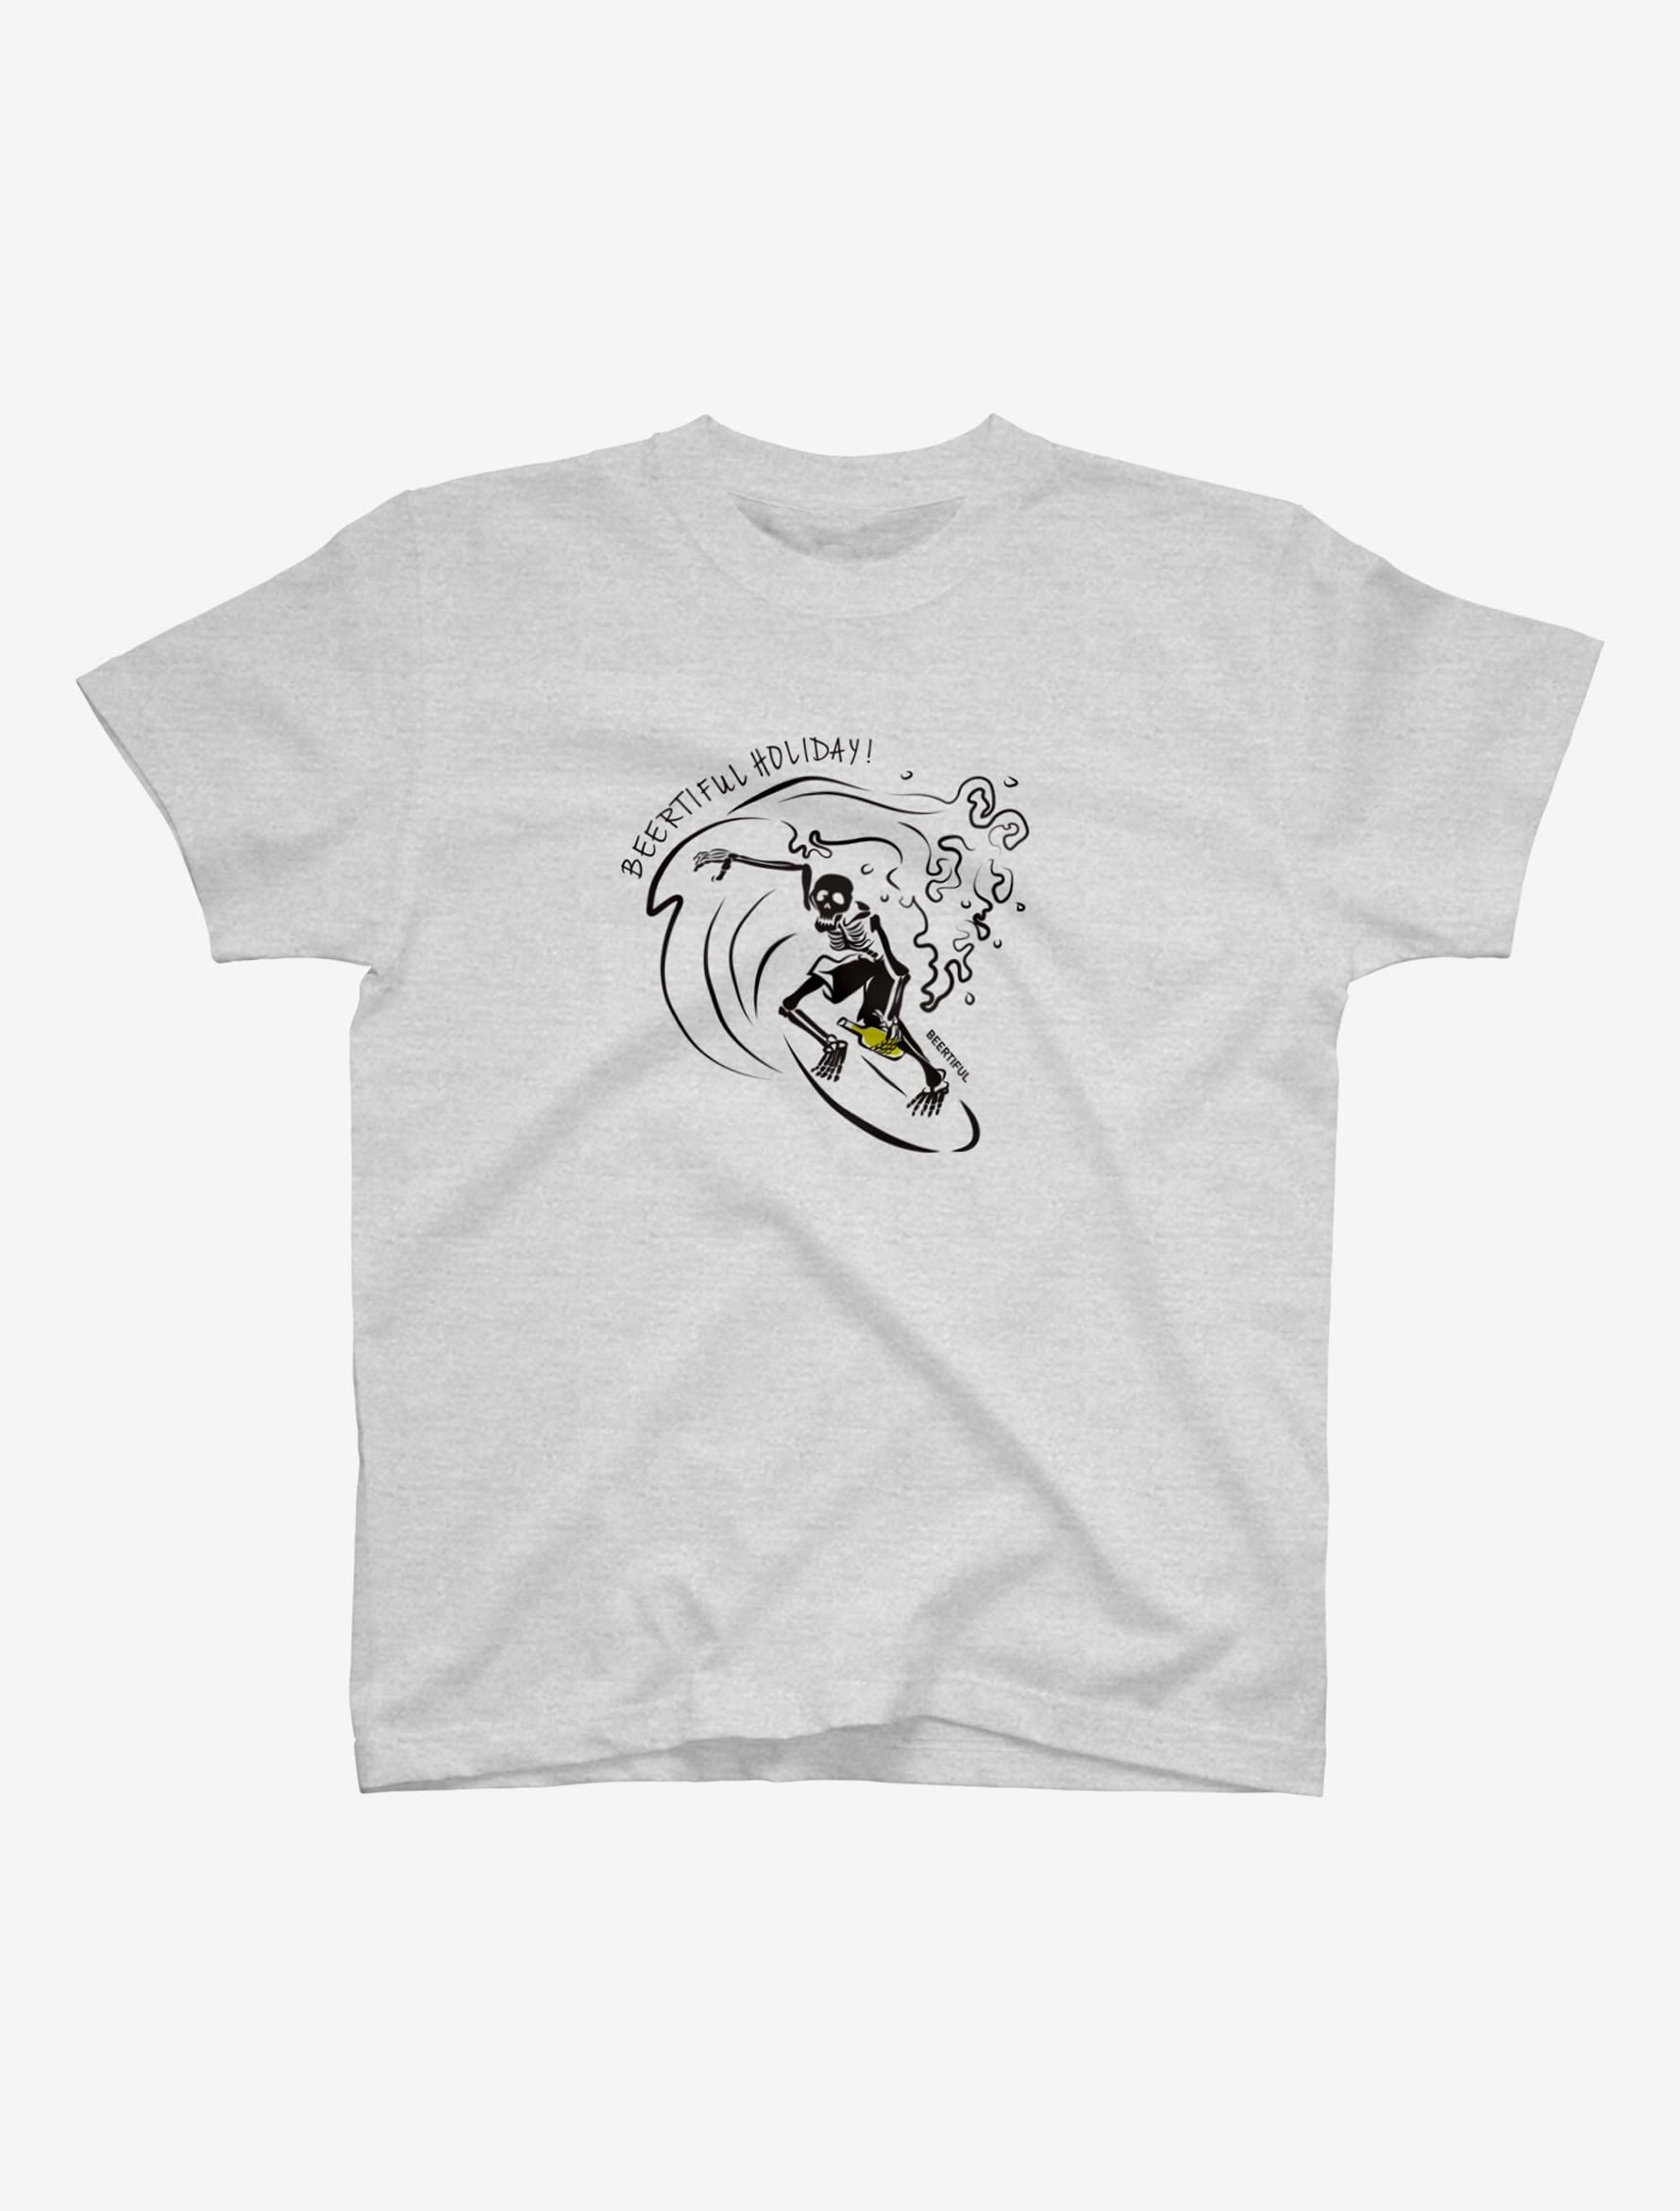 【サーフィンガイコツ】Tシャツ(アッシュ)